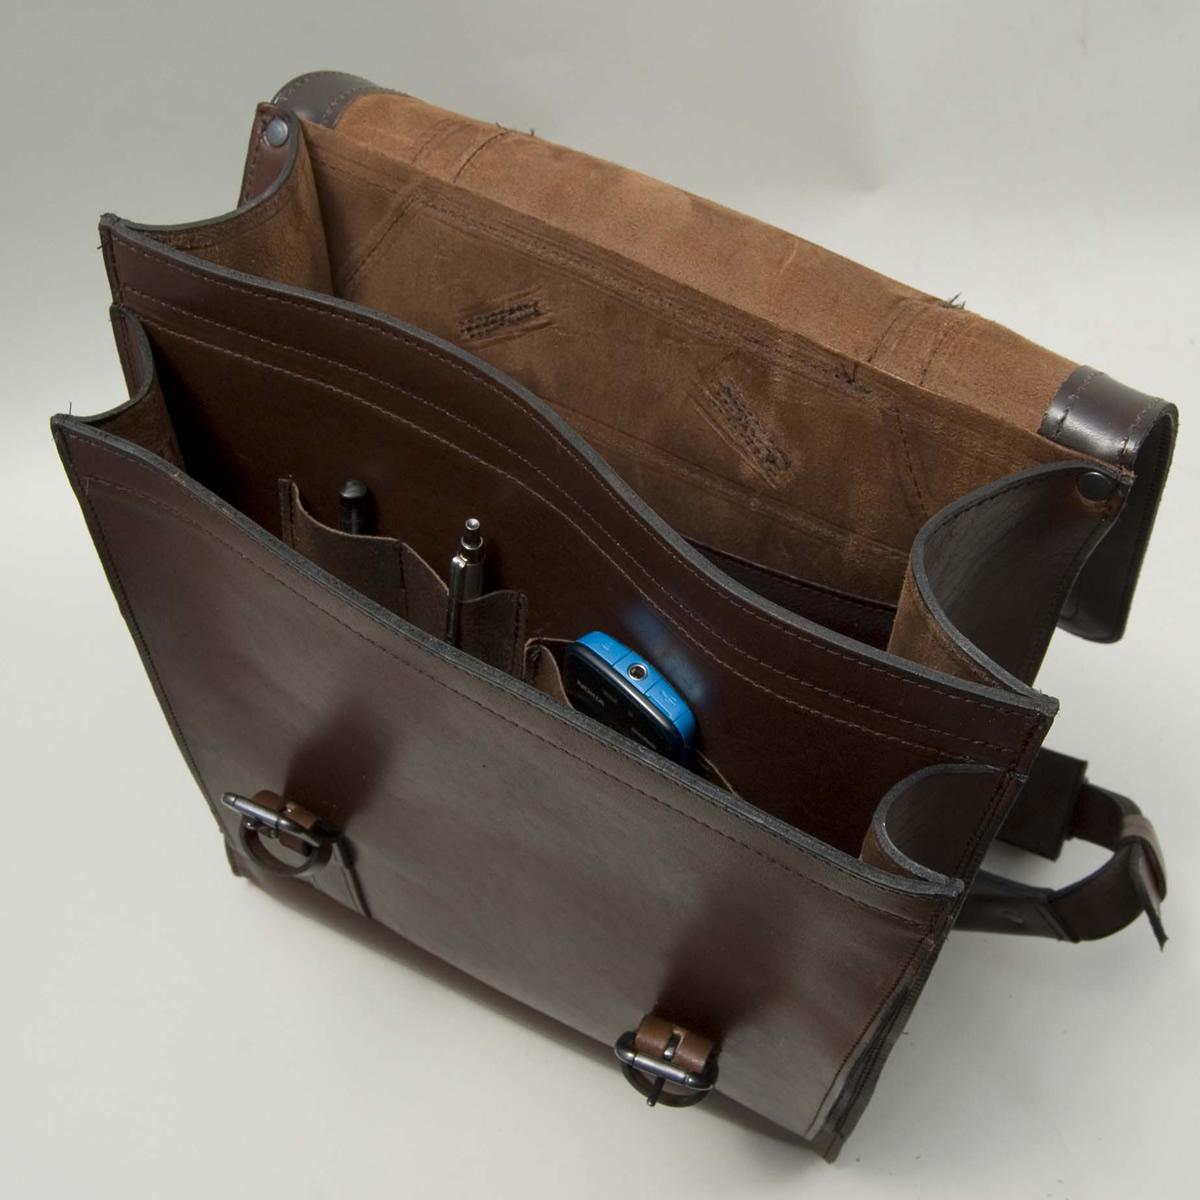 Large Bookbag - Inside